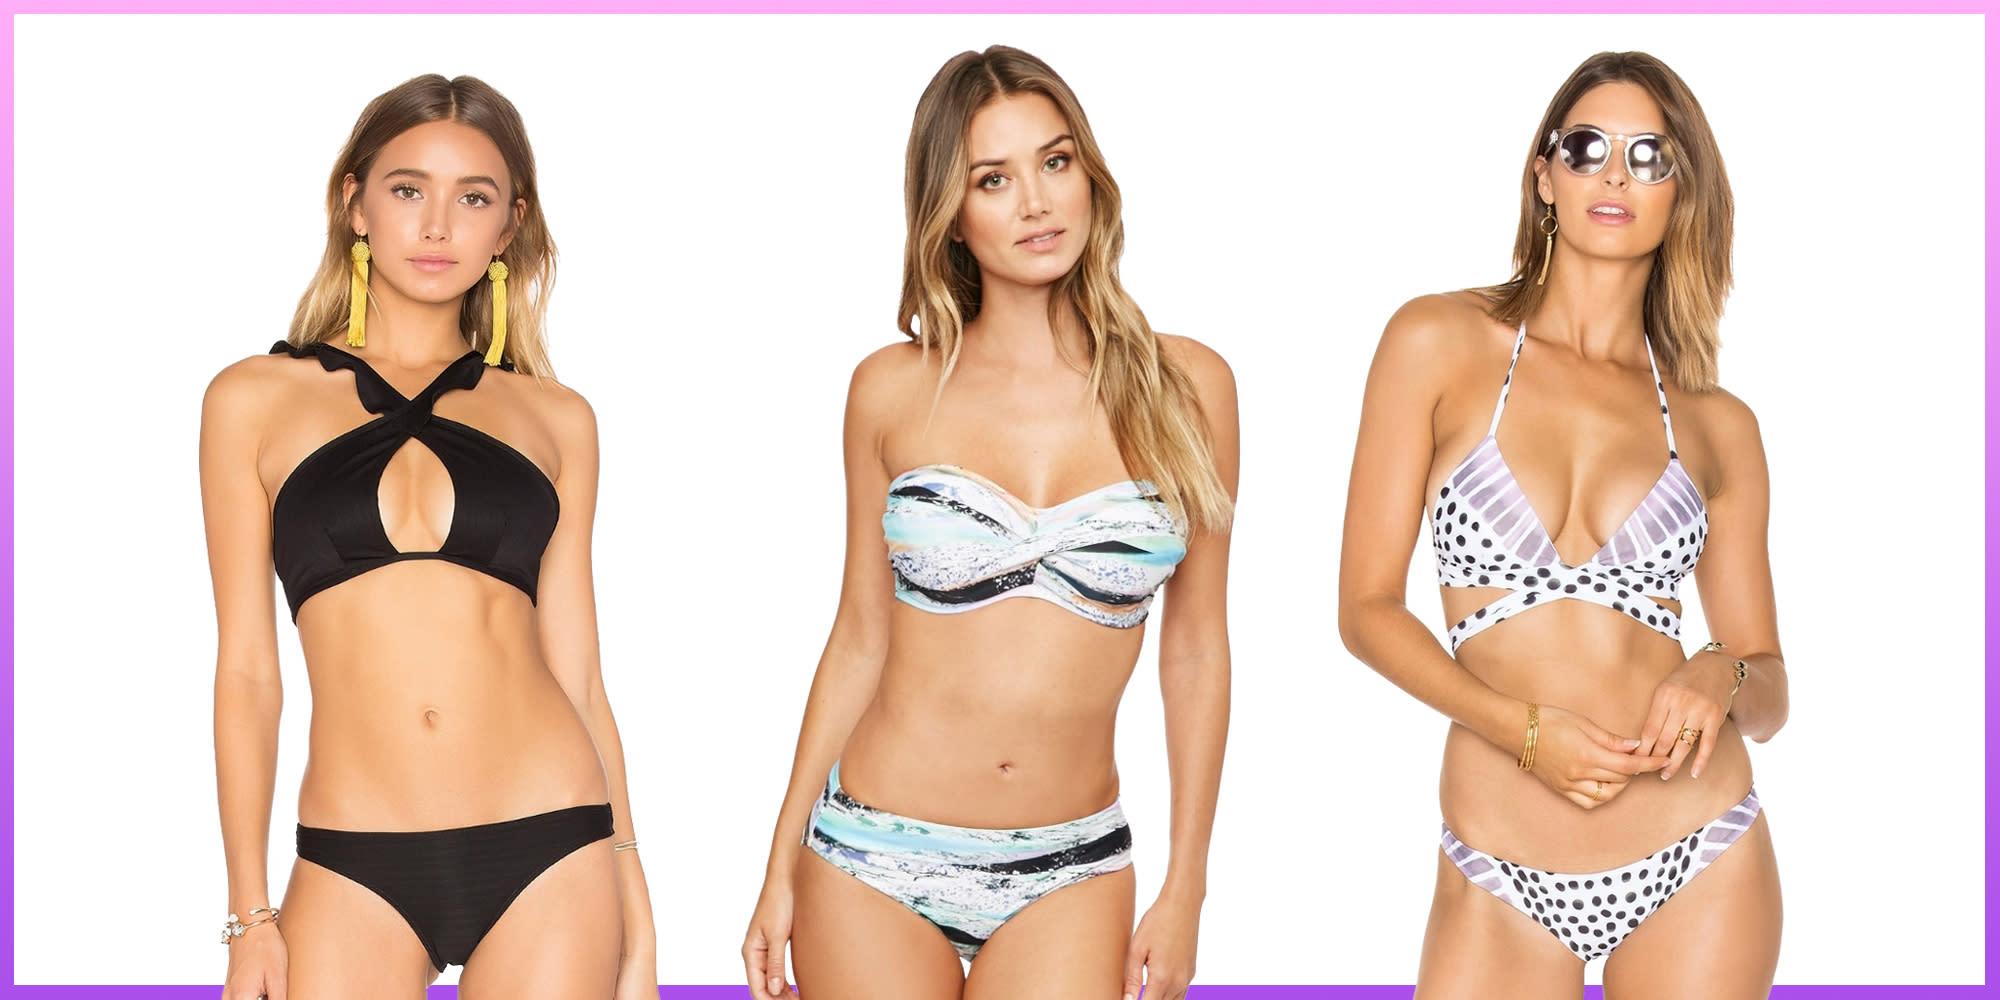 beach-bikini-laguna-shop-sexy-blond-bikini